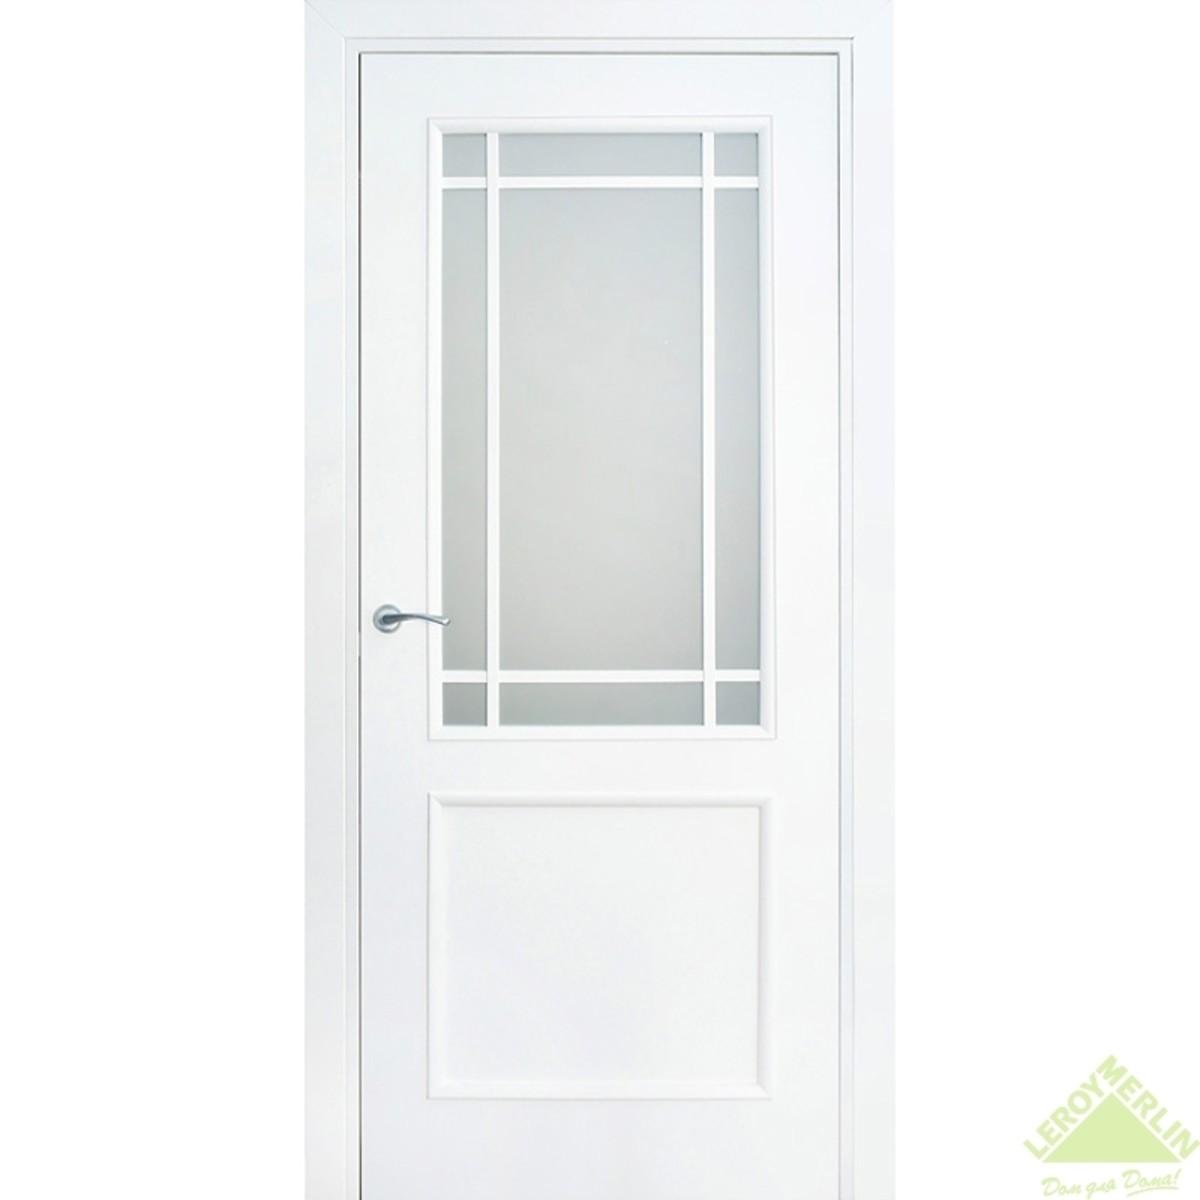 Дверь Межкомнатная Остеклённая Фортунато 819 600x2000 Белый